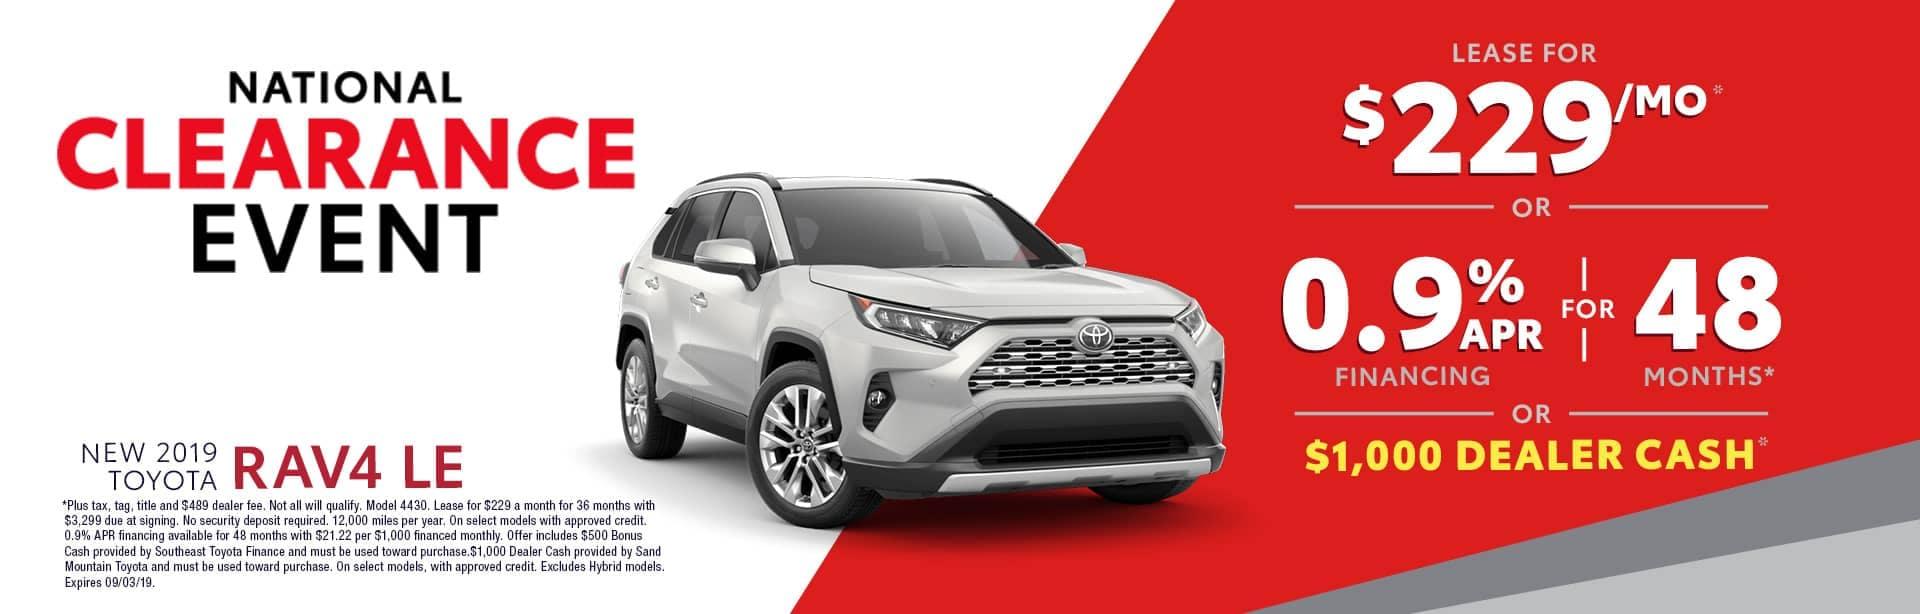 Homepage Aug Offer Toyota RAV4